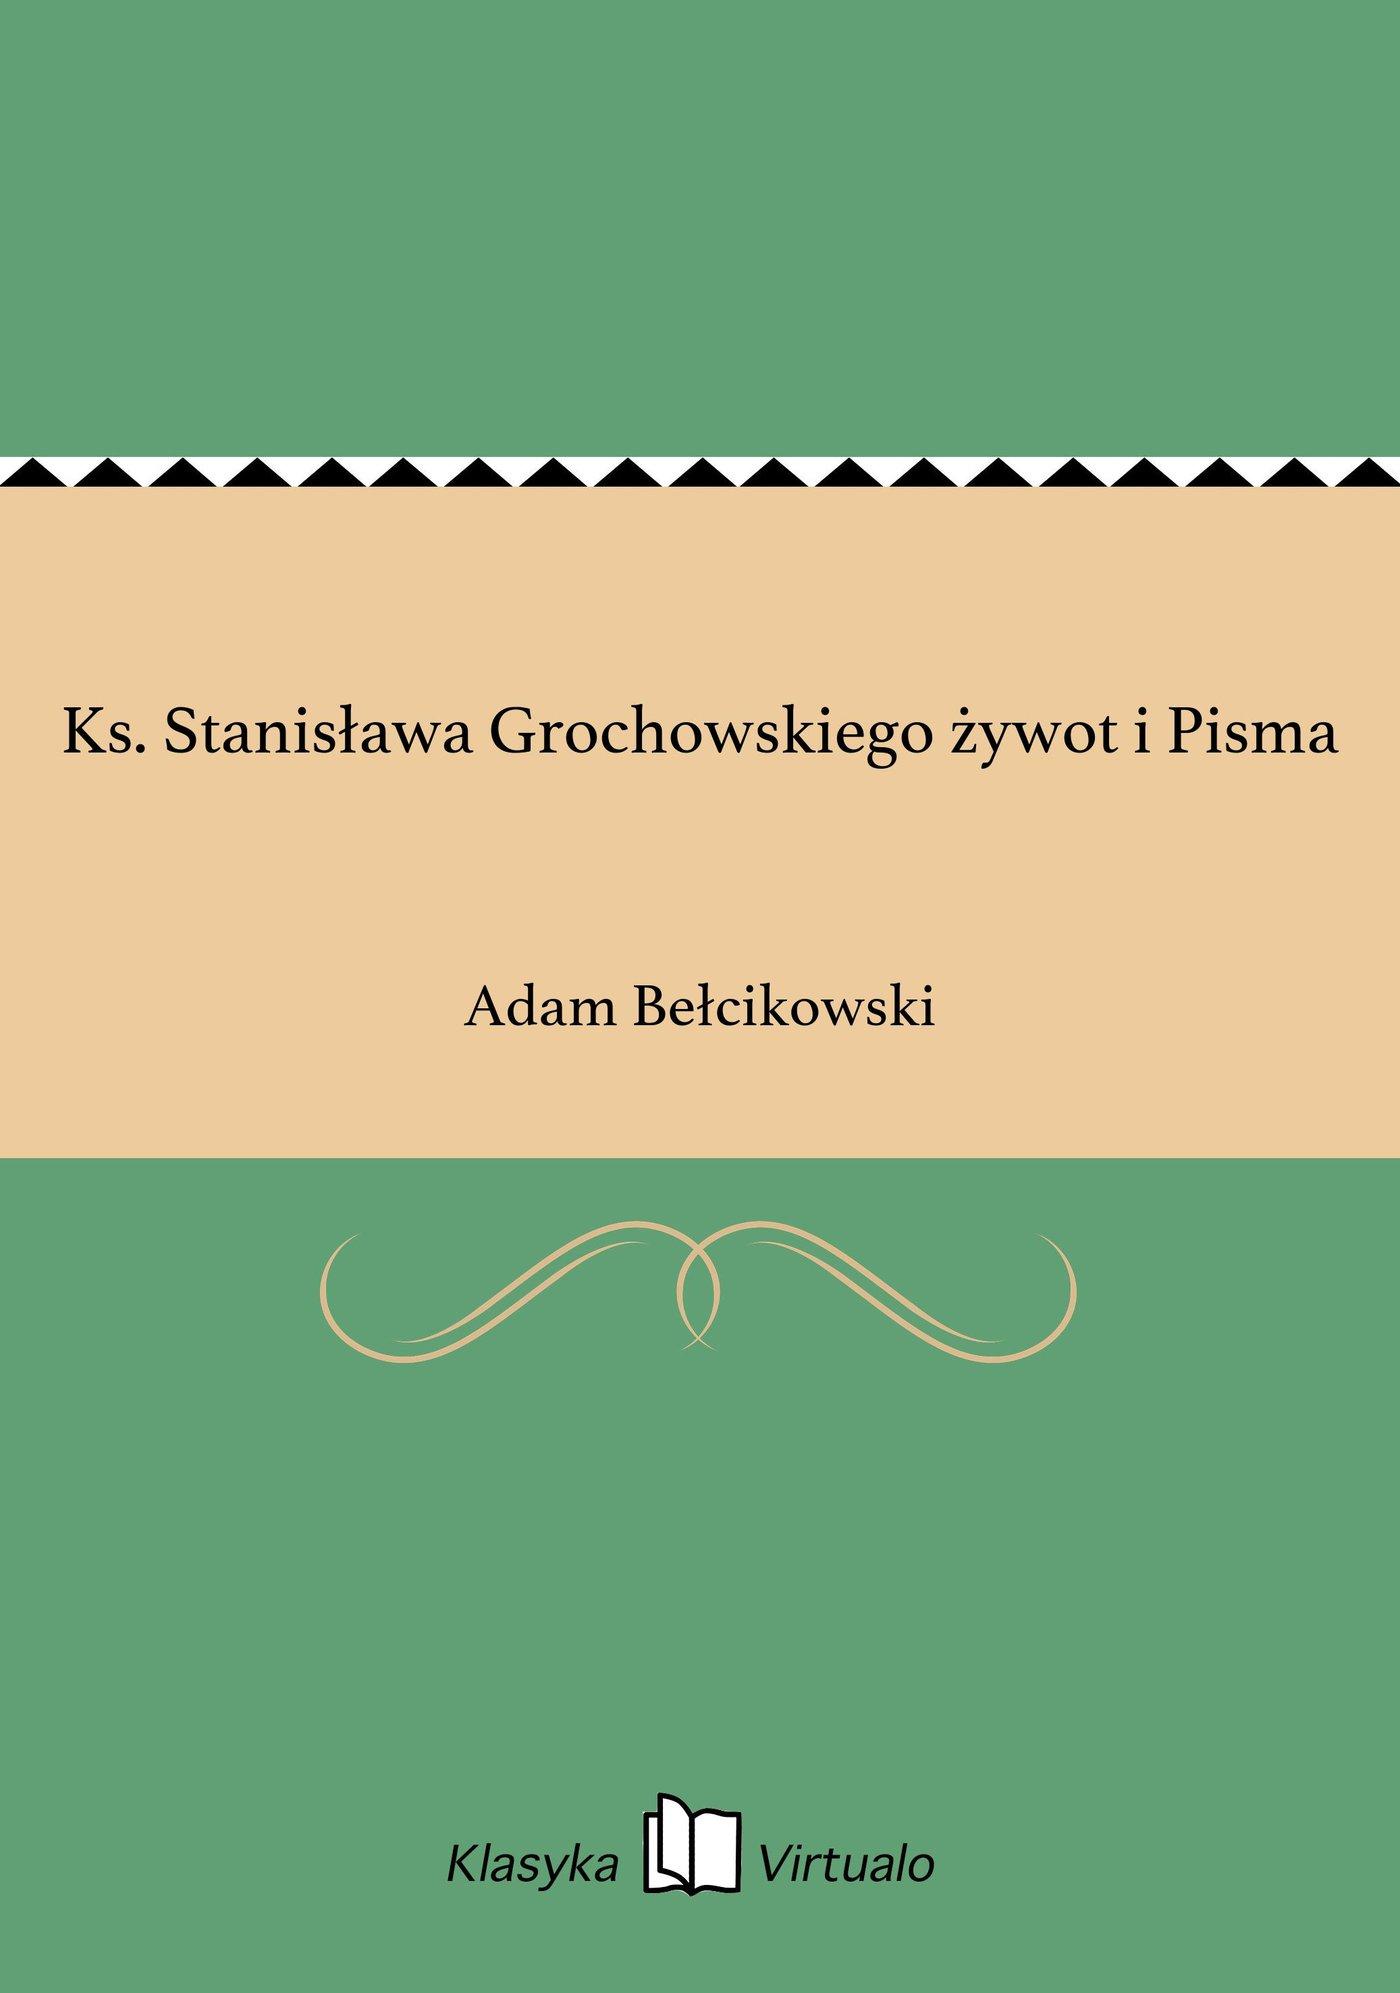 Ks. Stanisława Grochowskiego żywot i Pisma - Ebook (Książka na Kindle) do pobrania w formacie MOBI